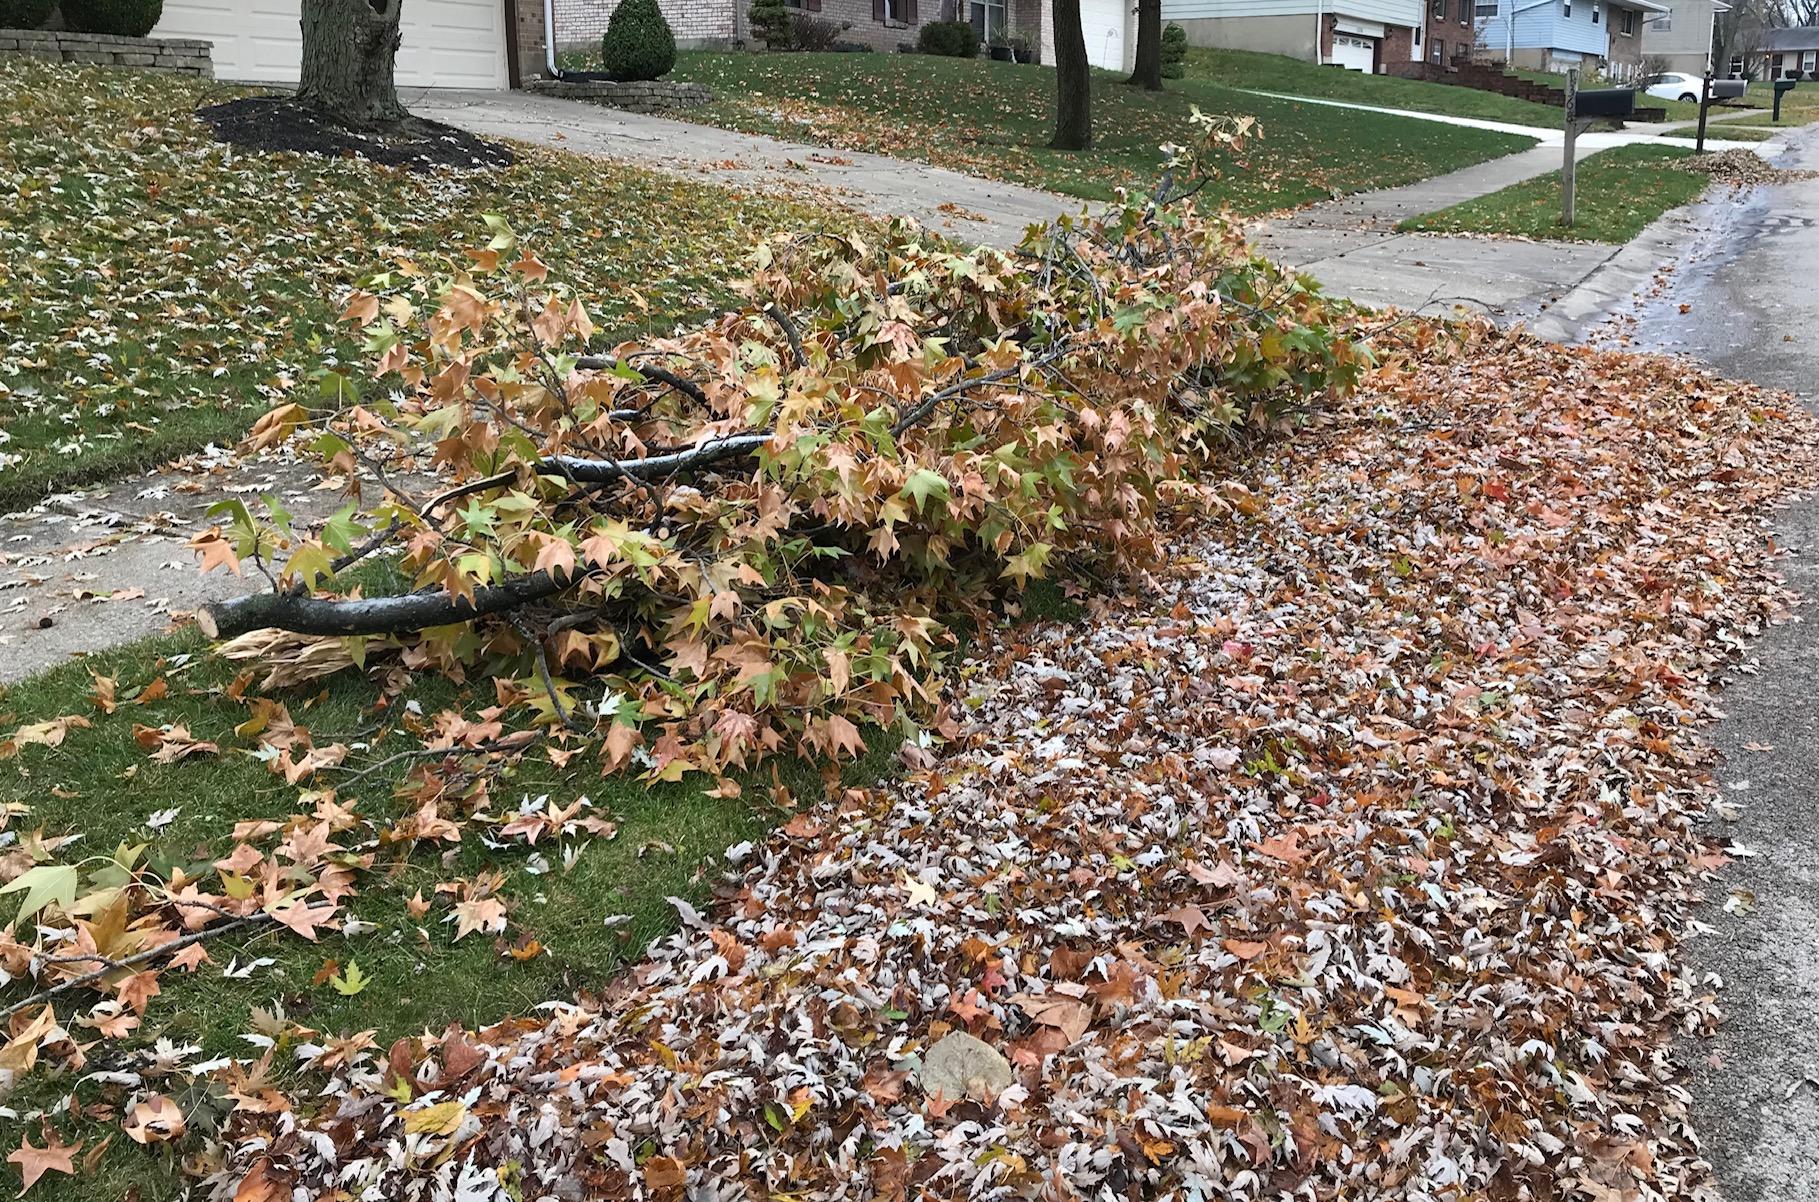 storm debris & leaves